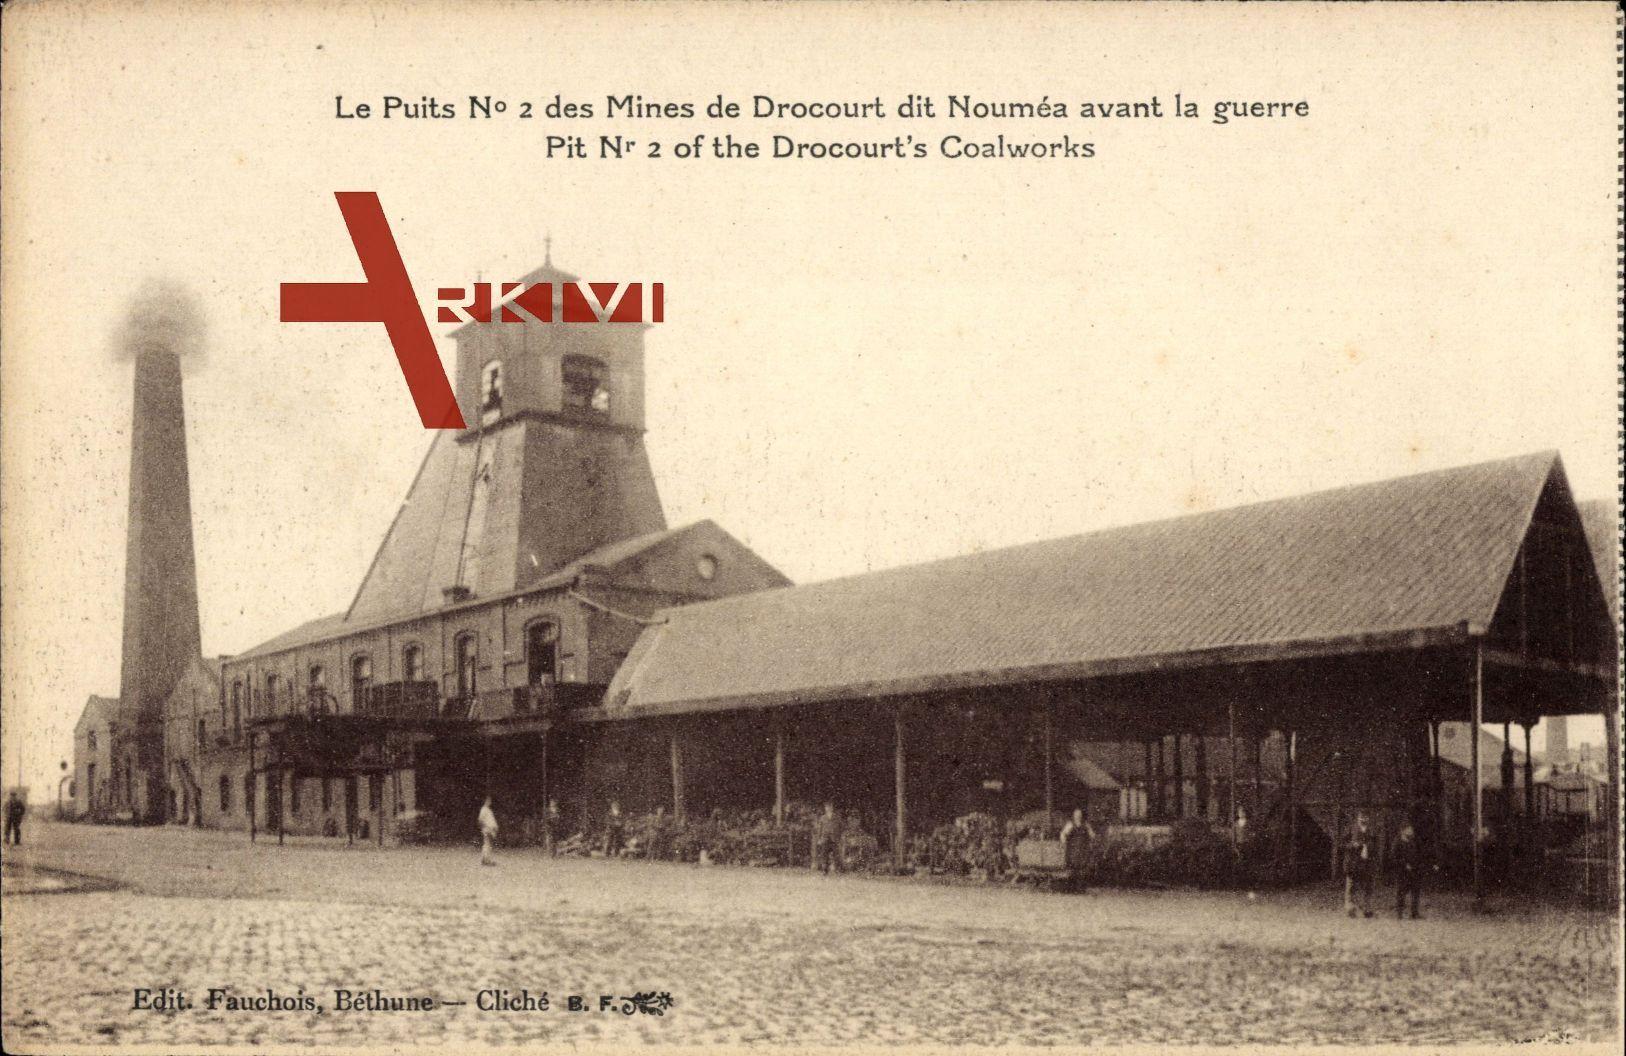 Drocourt in  Pas de Calais, Schacht Nr. 2 der Bergwerke vor dem Krieg, Kohlewerke - Le Puits No 2 des Mines avant la guerre, Coalworks